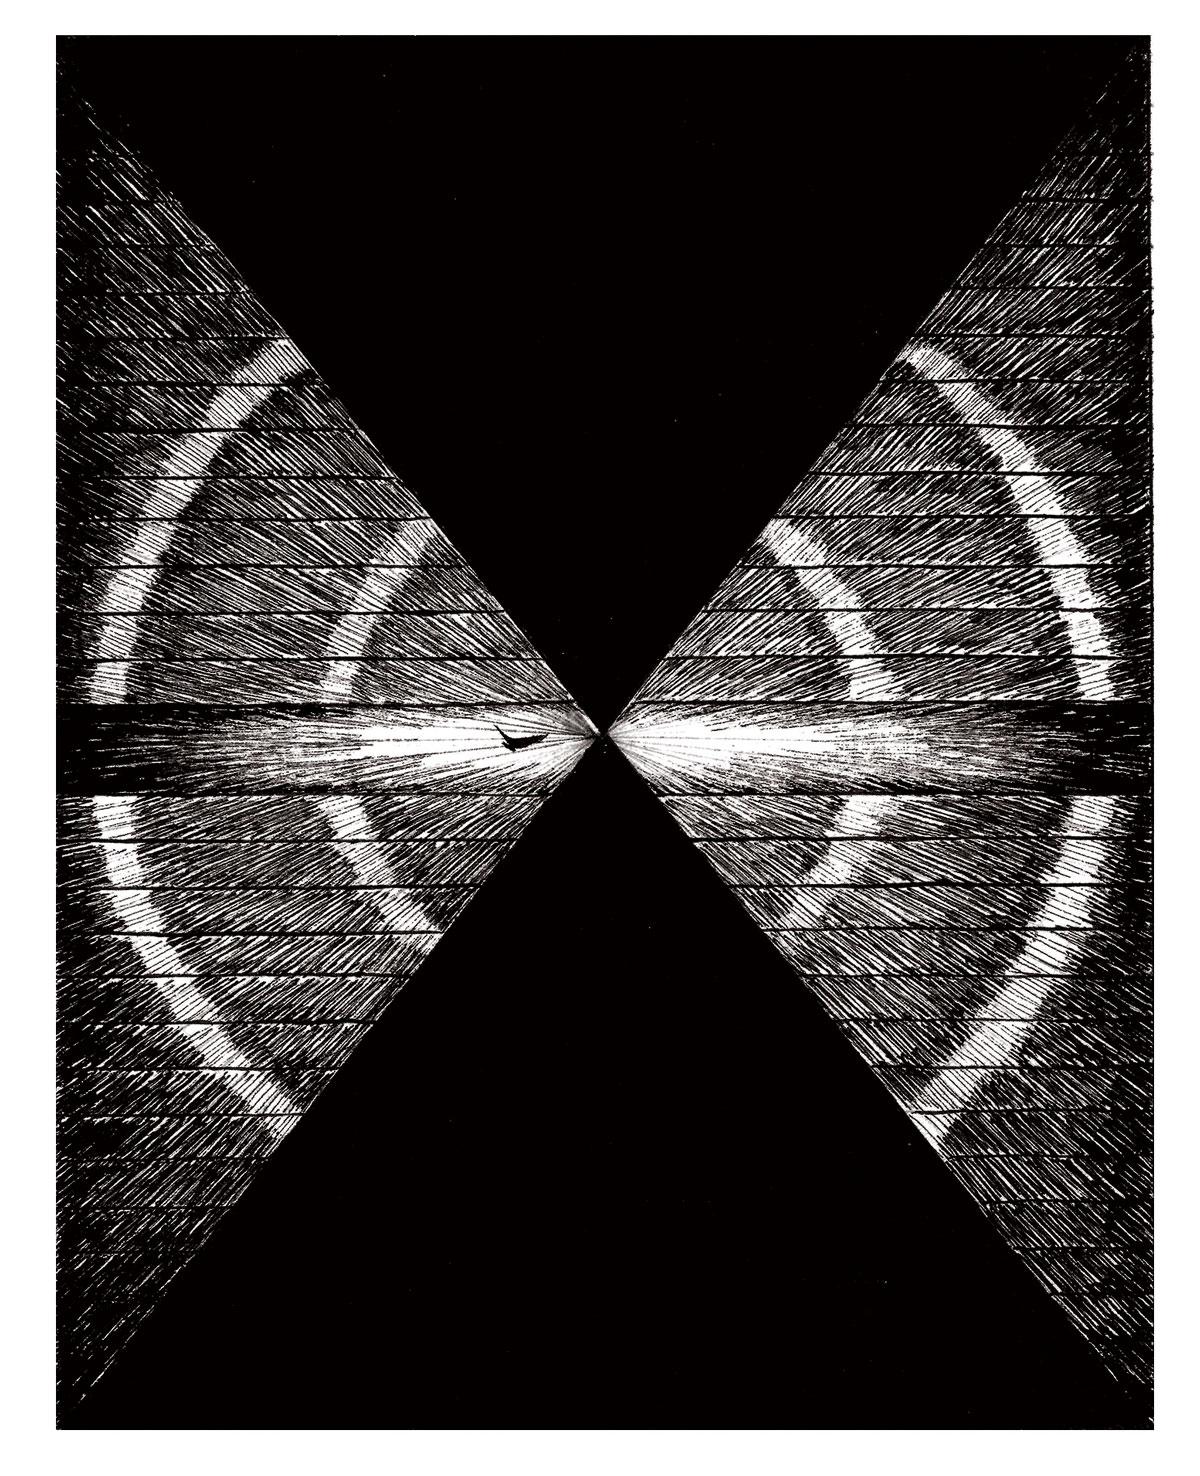 LSD et musique psychédélique. Illustrations de Romain Chasserio.